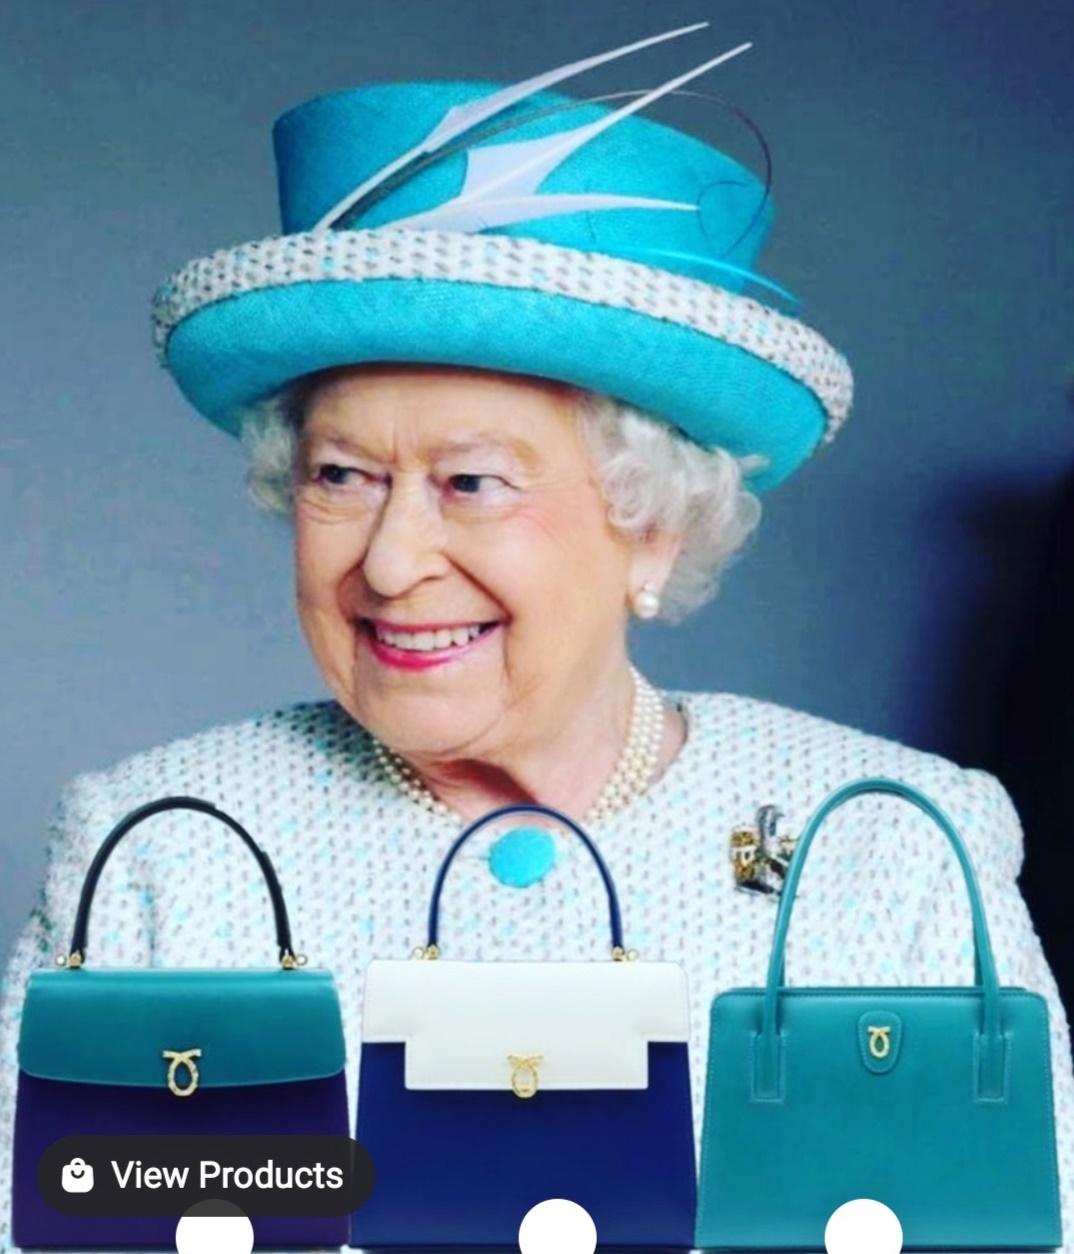 الملكة إليزابيث وحقائبها الزاهية- الصورة من حساب شركة Launer على إنستغرام